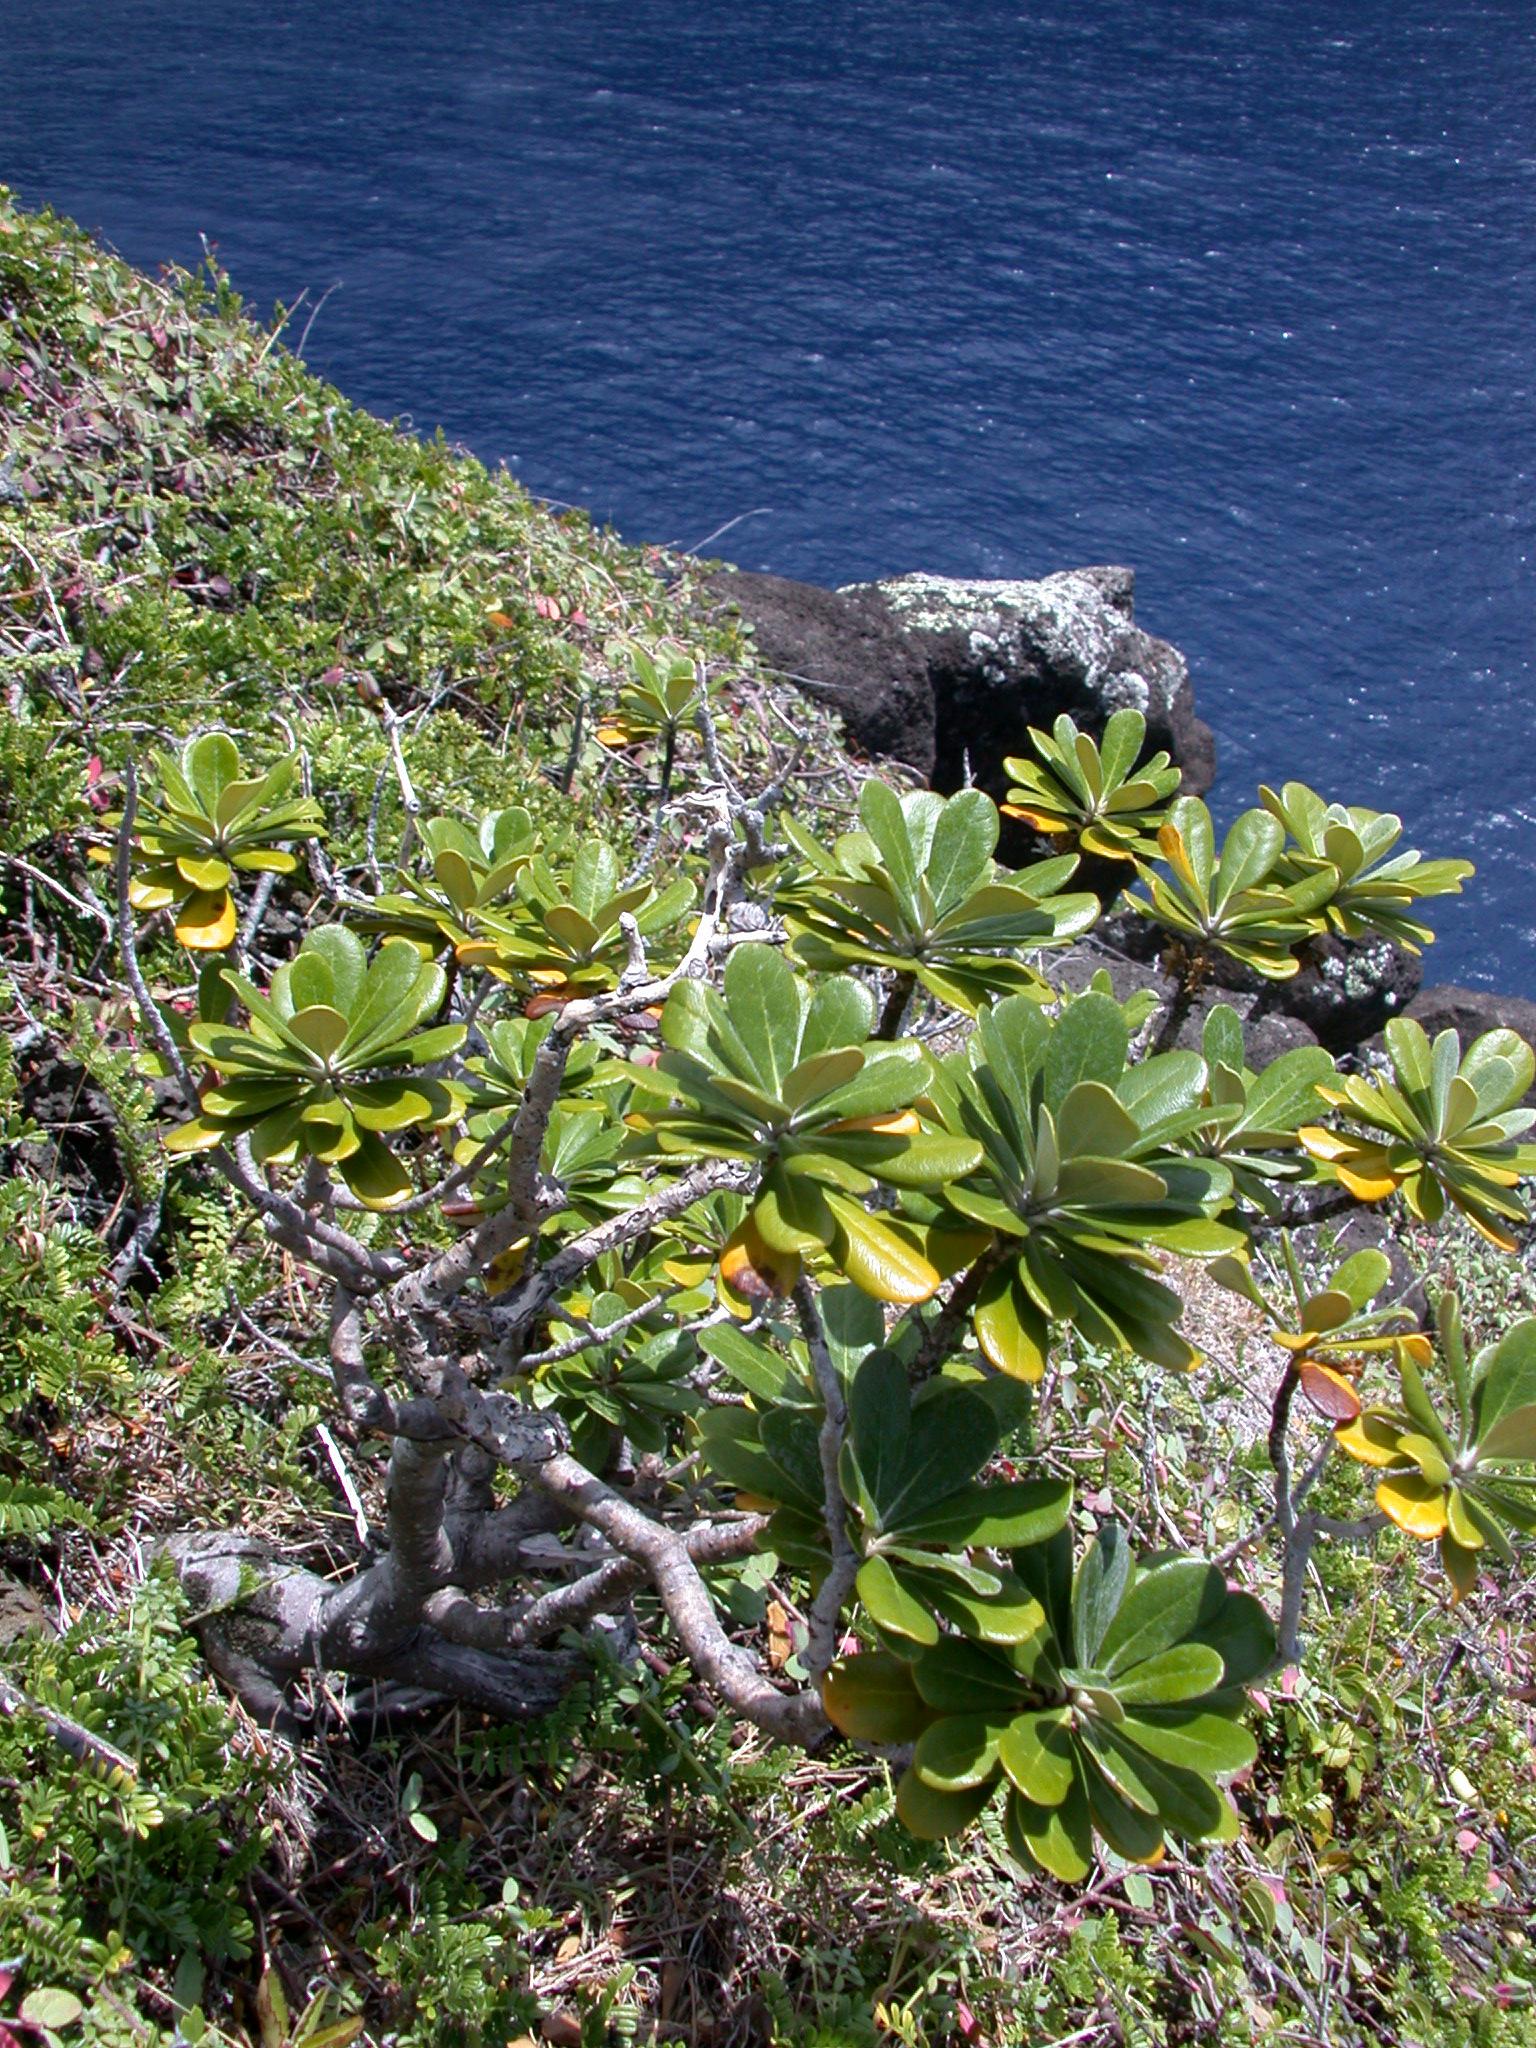 One of the two Ho'awa (Pittosporum halophilum) plants growing on the southwestern ridge of Ho'awa.